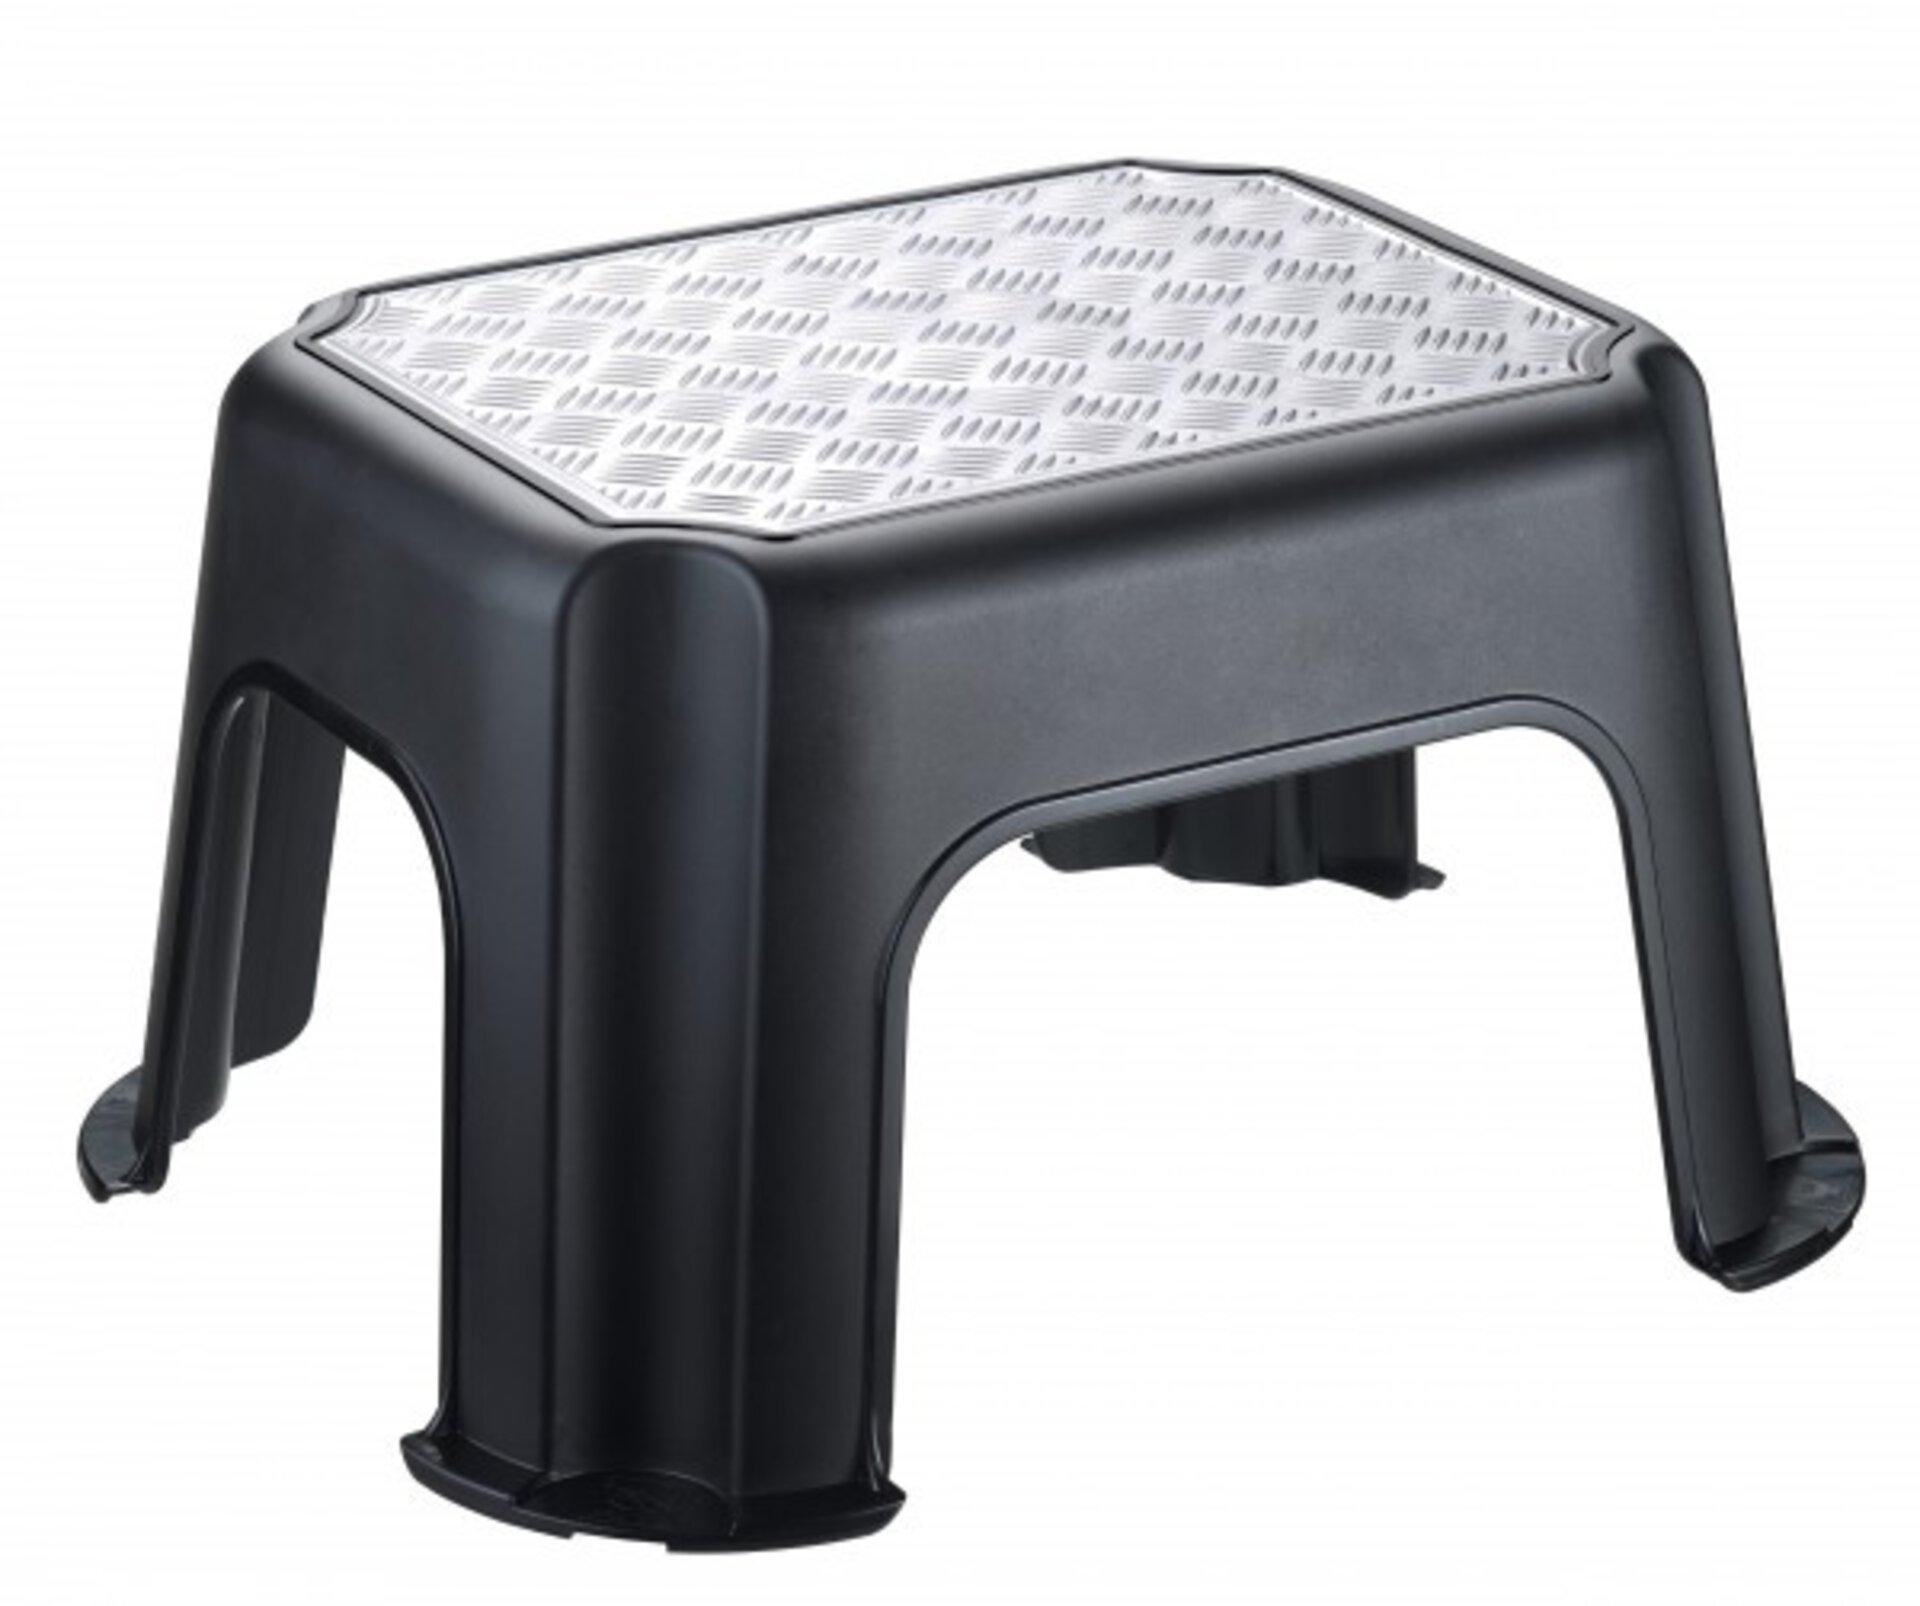 Hocker PASO Rotho Kunststoff schwarz 35 x 23 x 43 cm